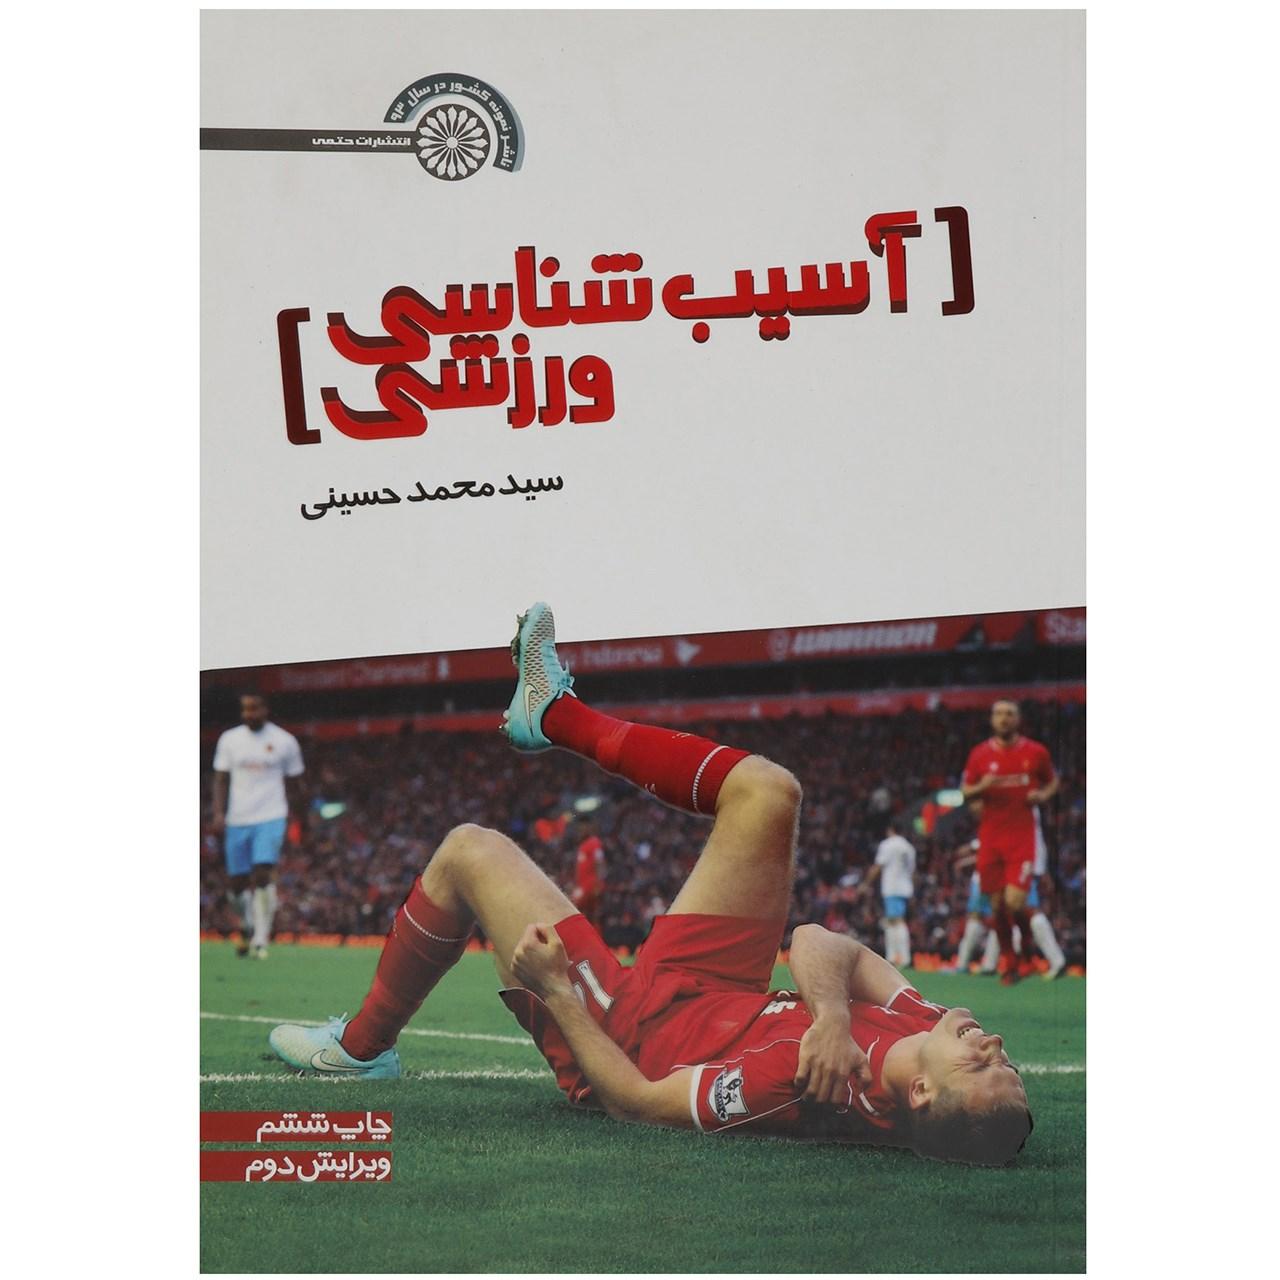 کتاب آسیب شناسی ورزشی اثر محمد حسینی